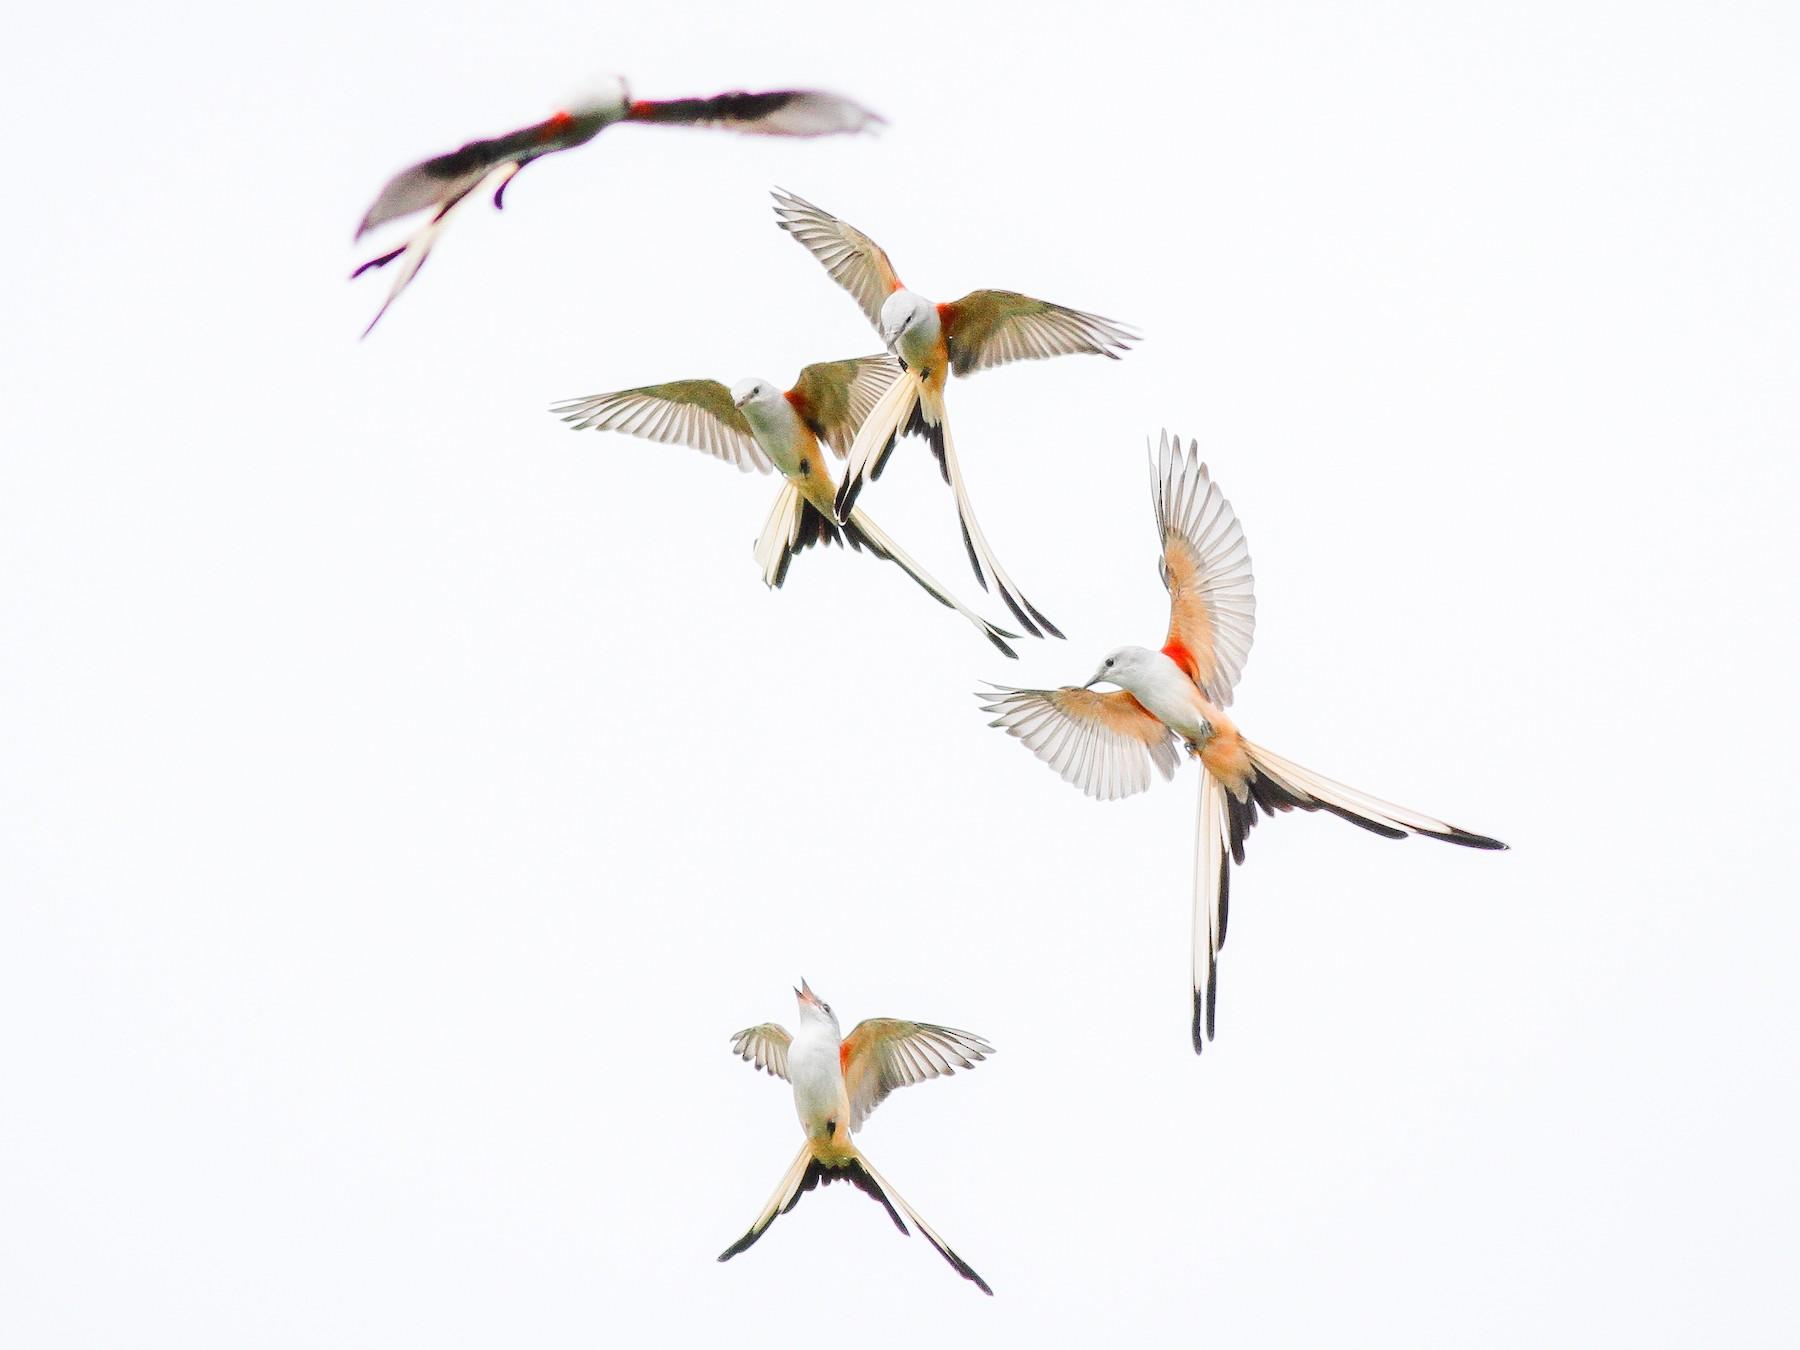 Scissor-tailed Flycatcher - Jesse Watson